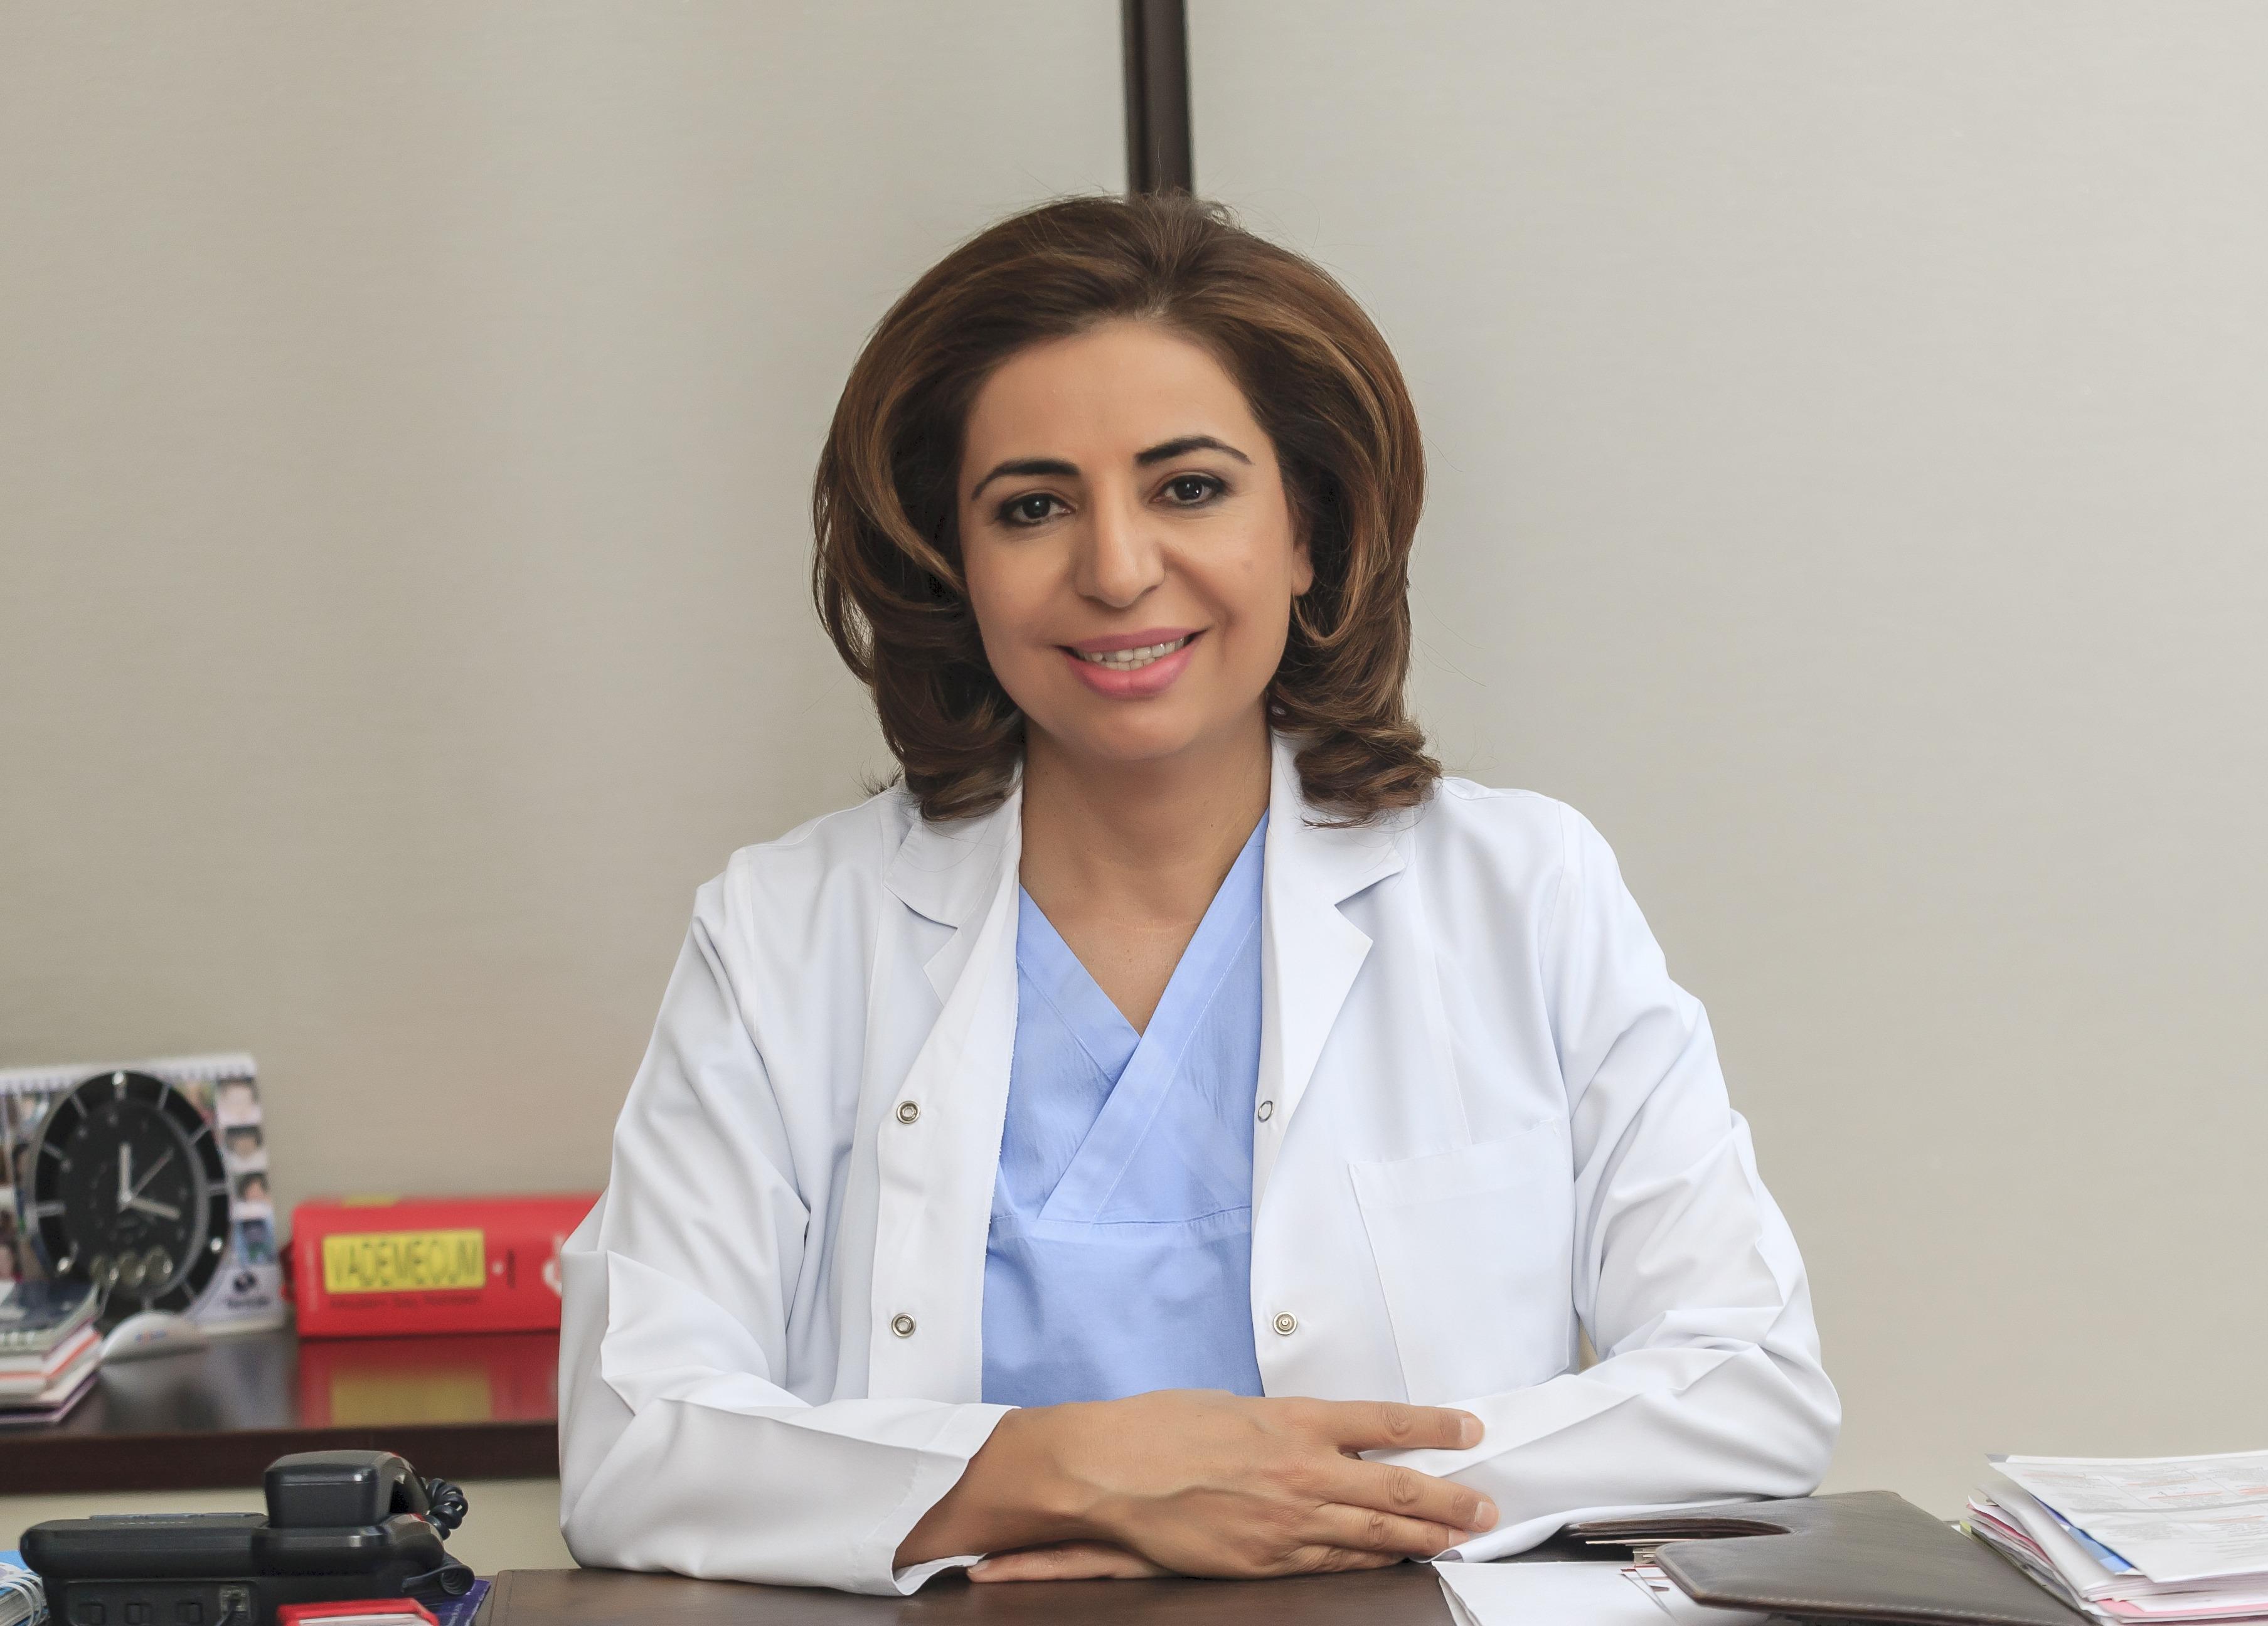 Ferti-Jin Kadın Sağlığı ve Tüp Bebek Merkezi Klinik Direktörü Op. Dr. Seval Taşdemir